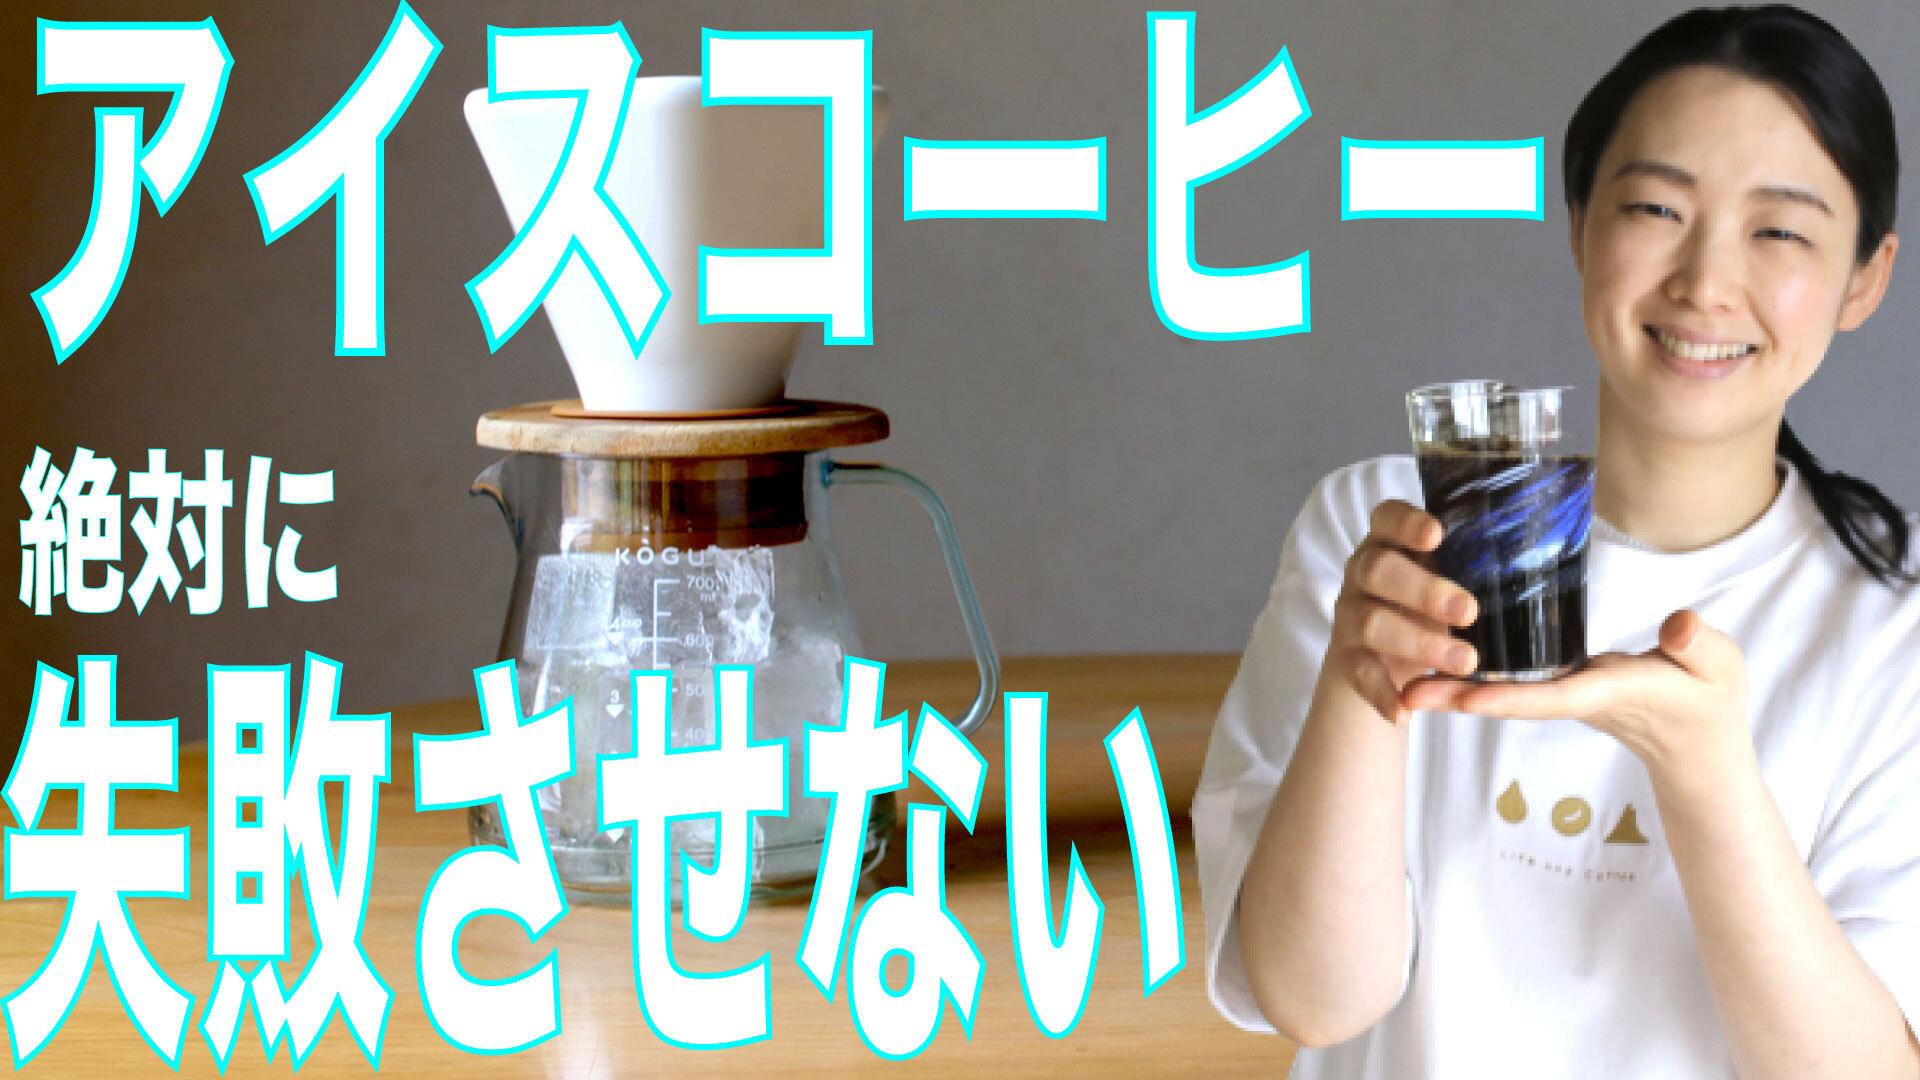 ※レターパック混載不可 違いを楽しむ3種類のアイスコーヒー(濃厚なケニア、甘苦みのブラジル、苦みのマンデリン)